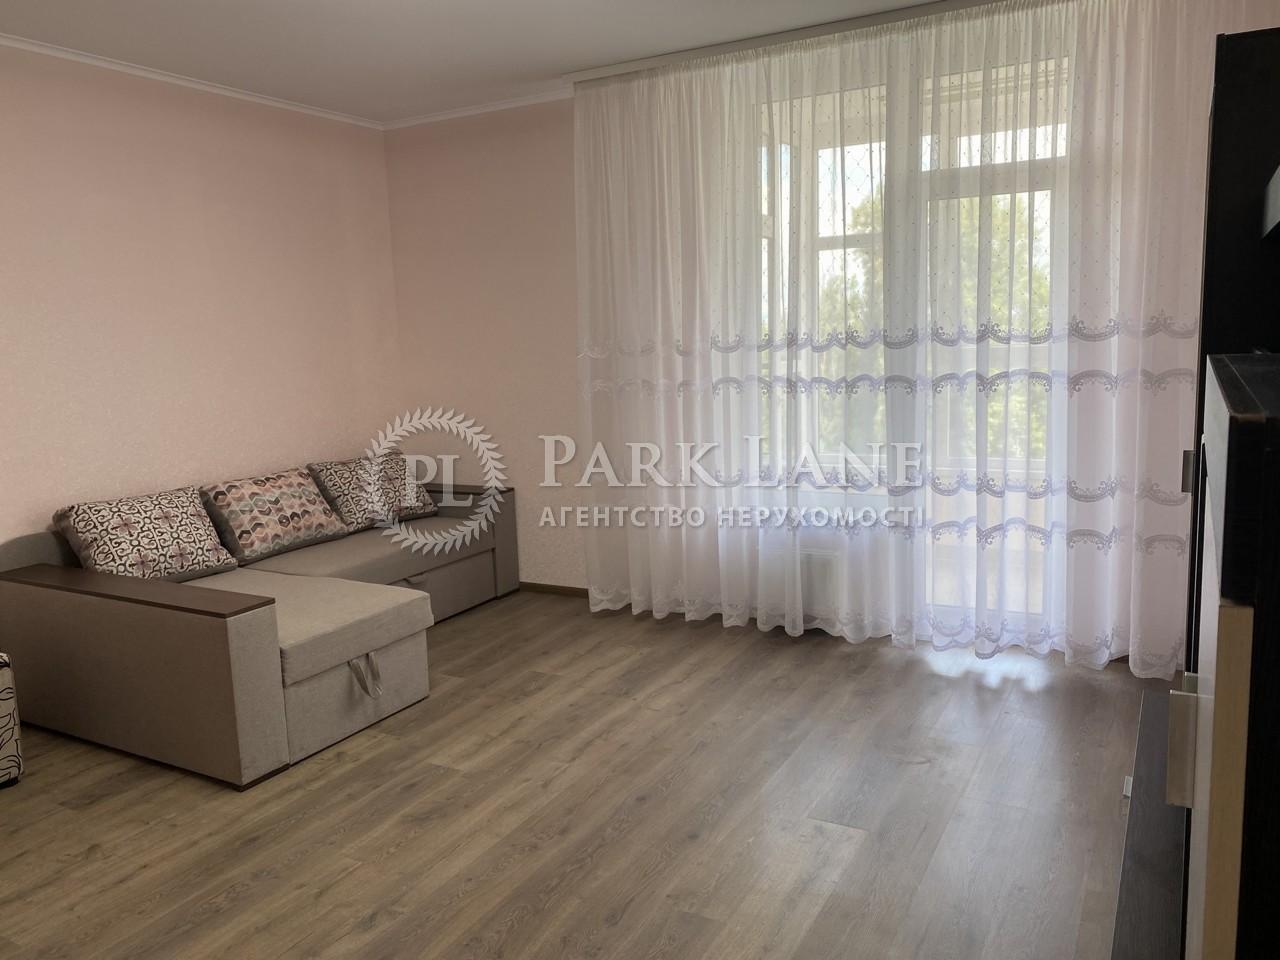 Квартира Приборный пер., 10 корпус 1/2, Киев, J-31145 - Фото 3